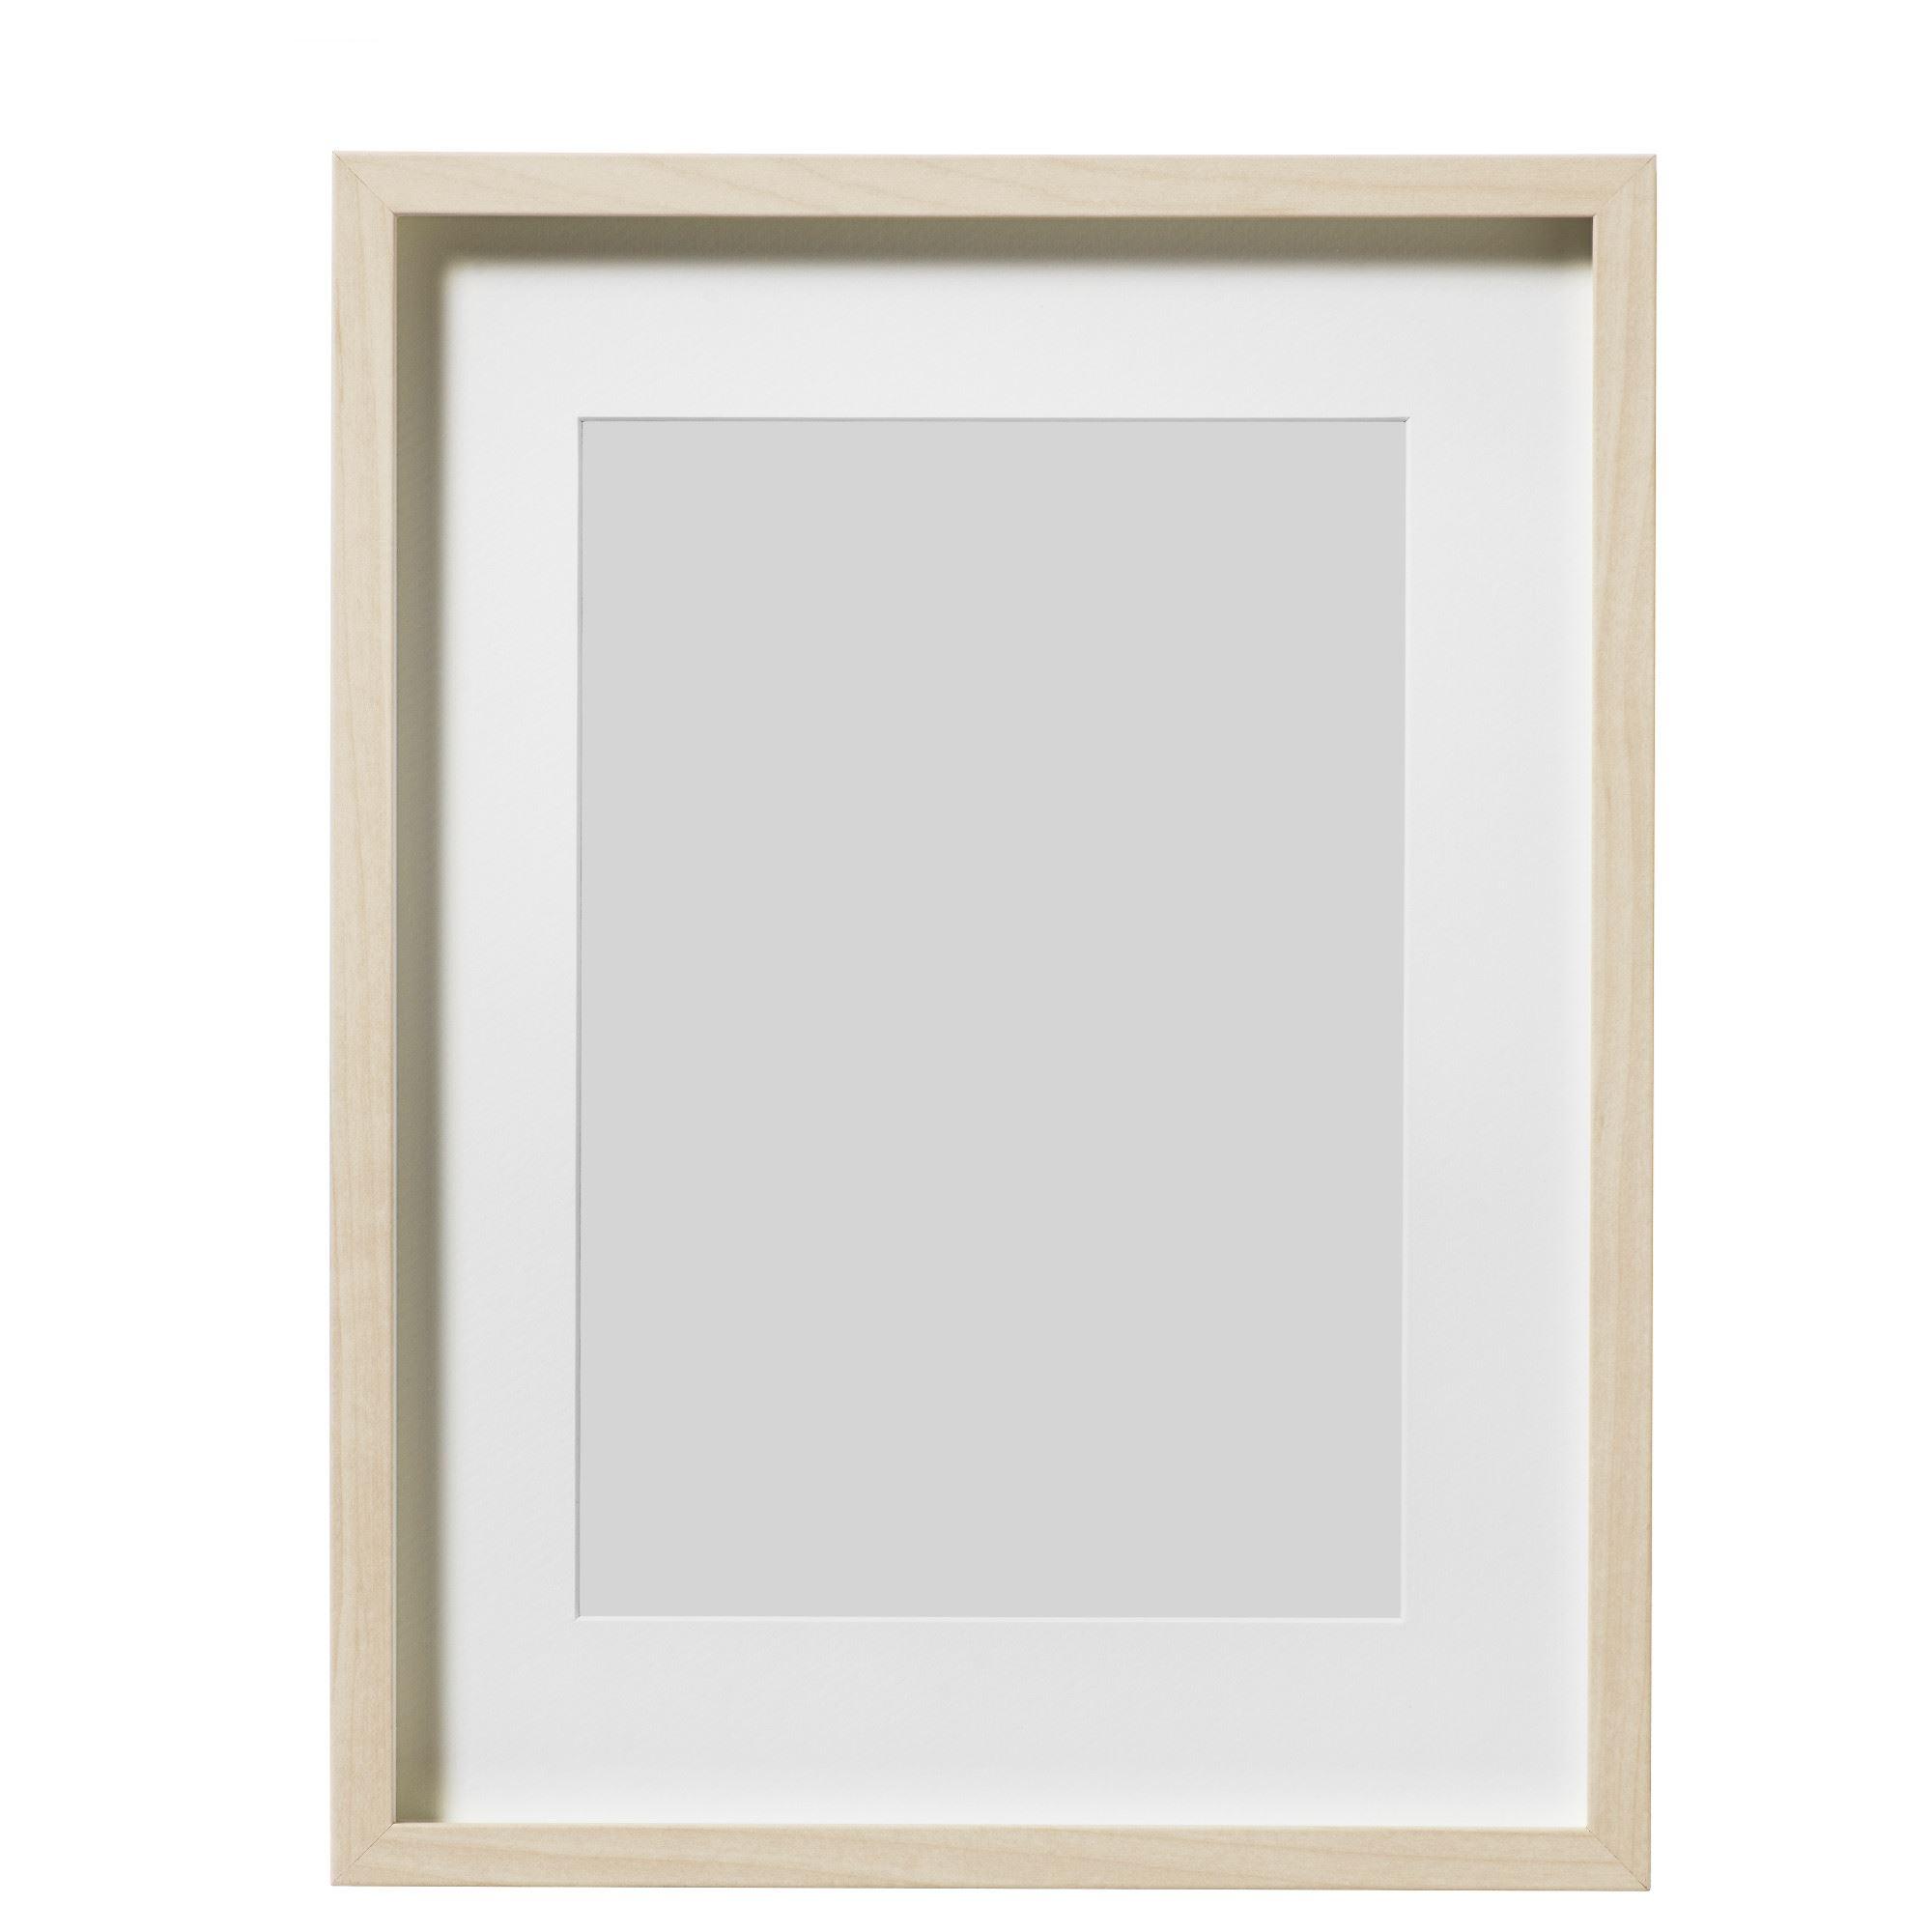 HOVSTA photo frame birch 30x40 cm   IKEA Home Decoration